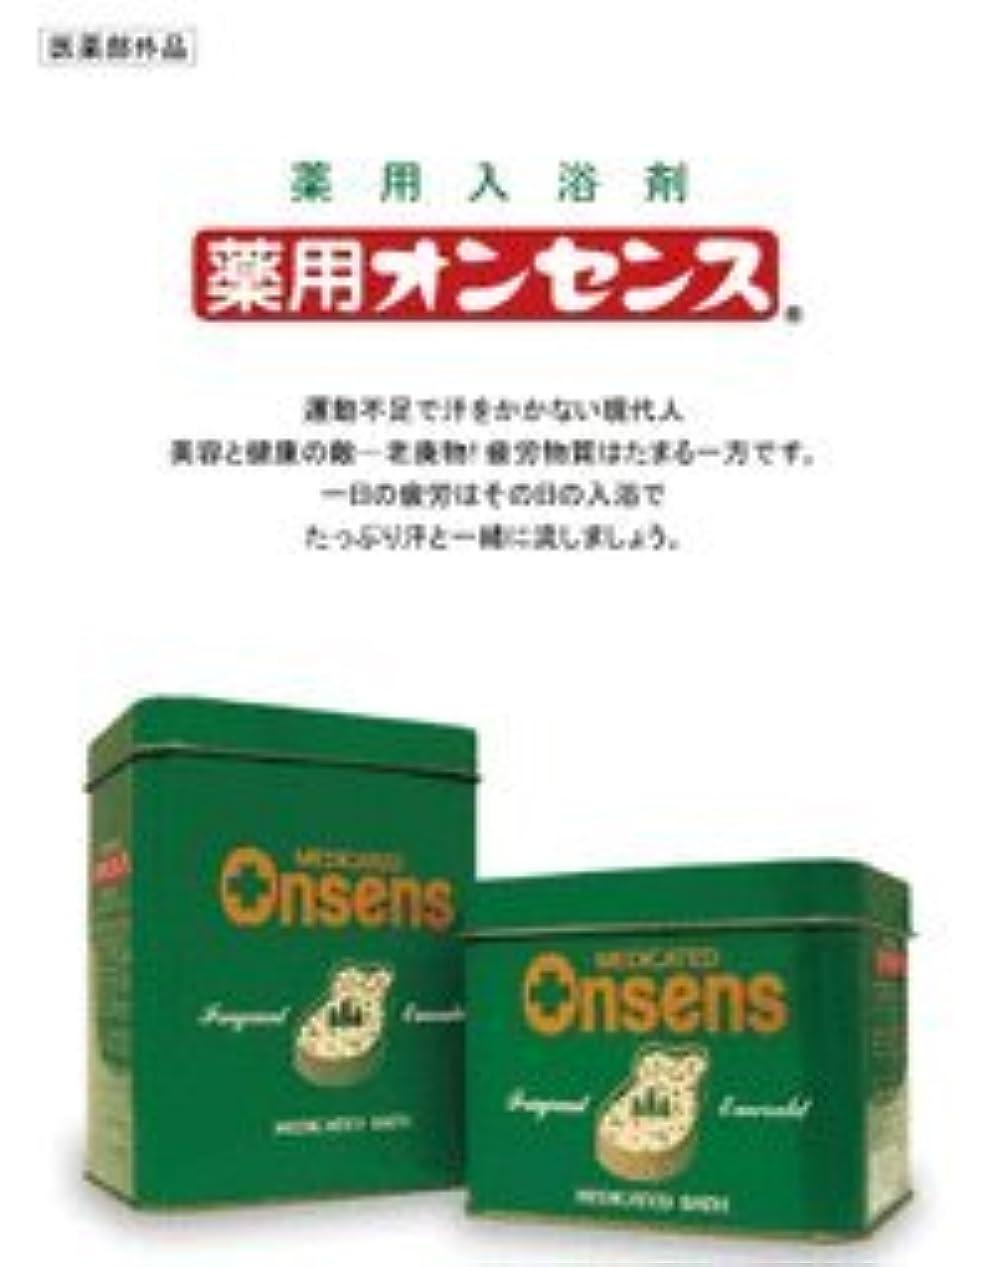 薬用オンセンス 1.4kg缶 薬用入浴剤 松葉エキス(松柏科植物の製油) 入浴剤 医薬部外品